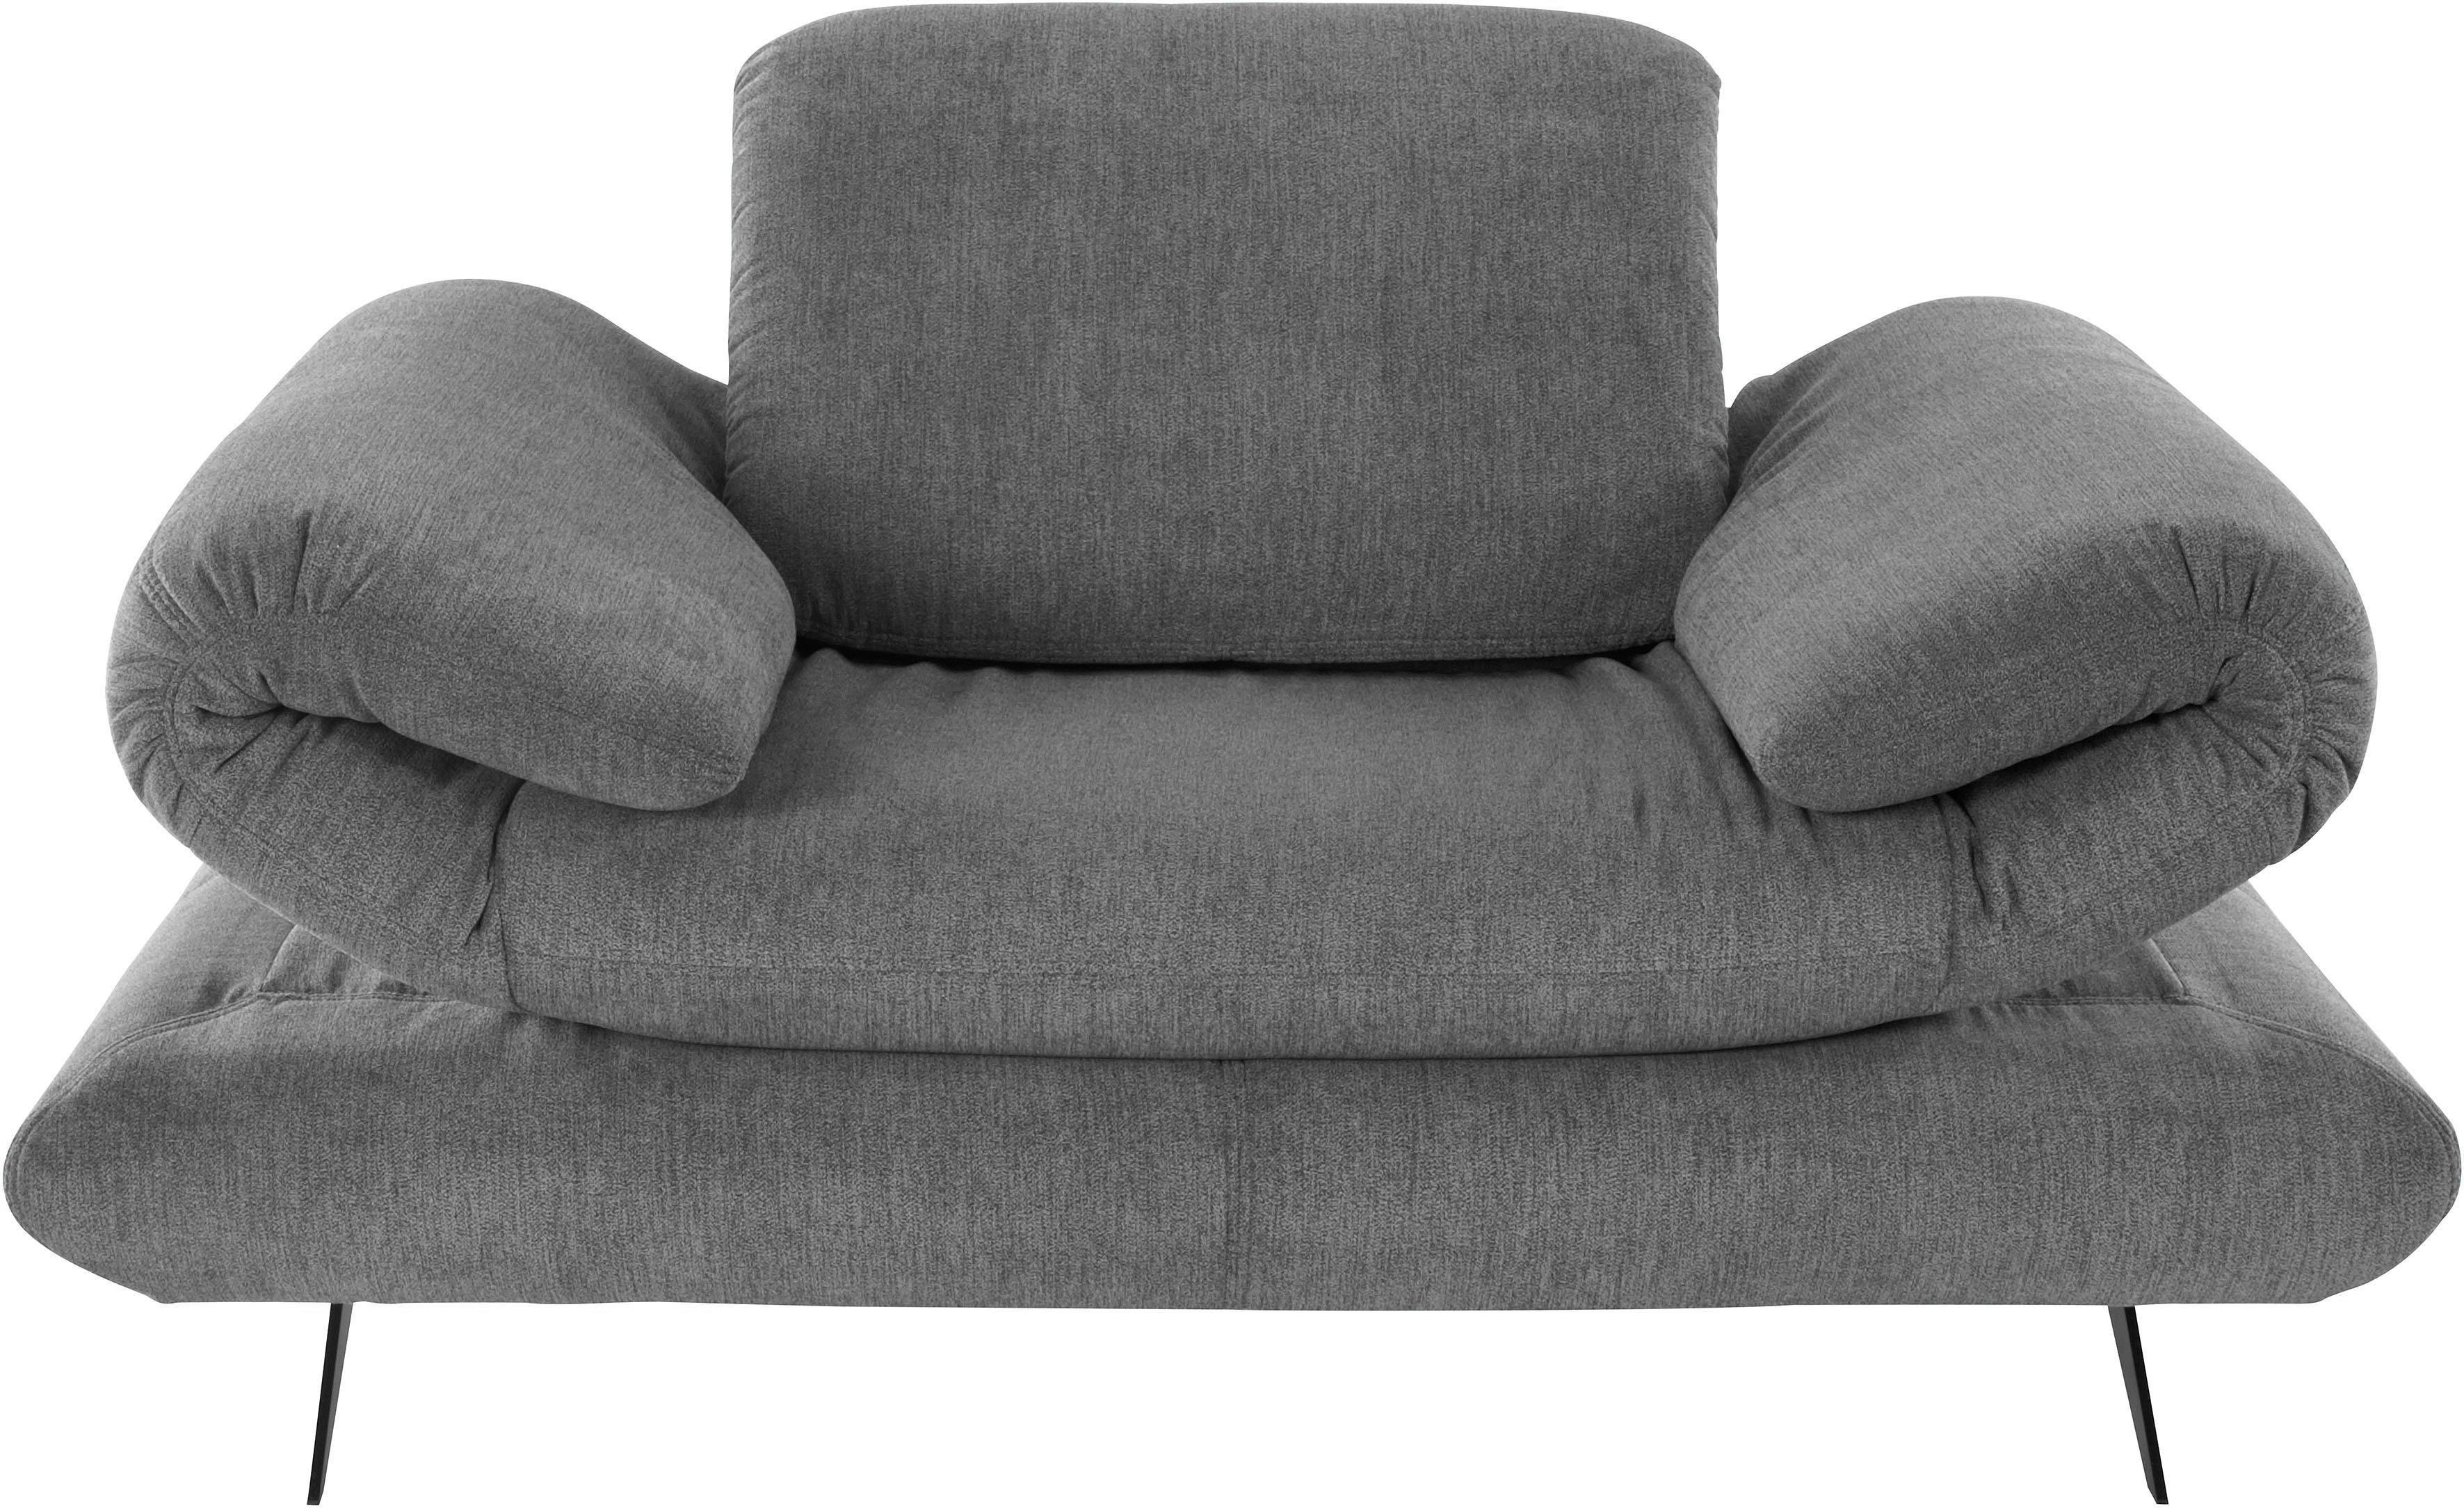 Places Of Style fauteuil »Milano« bestellen: 30 dagen bedenktijd